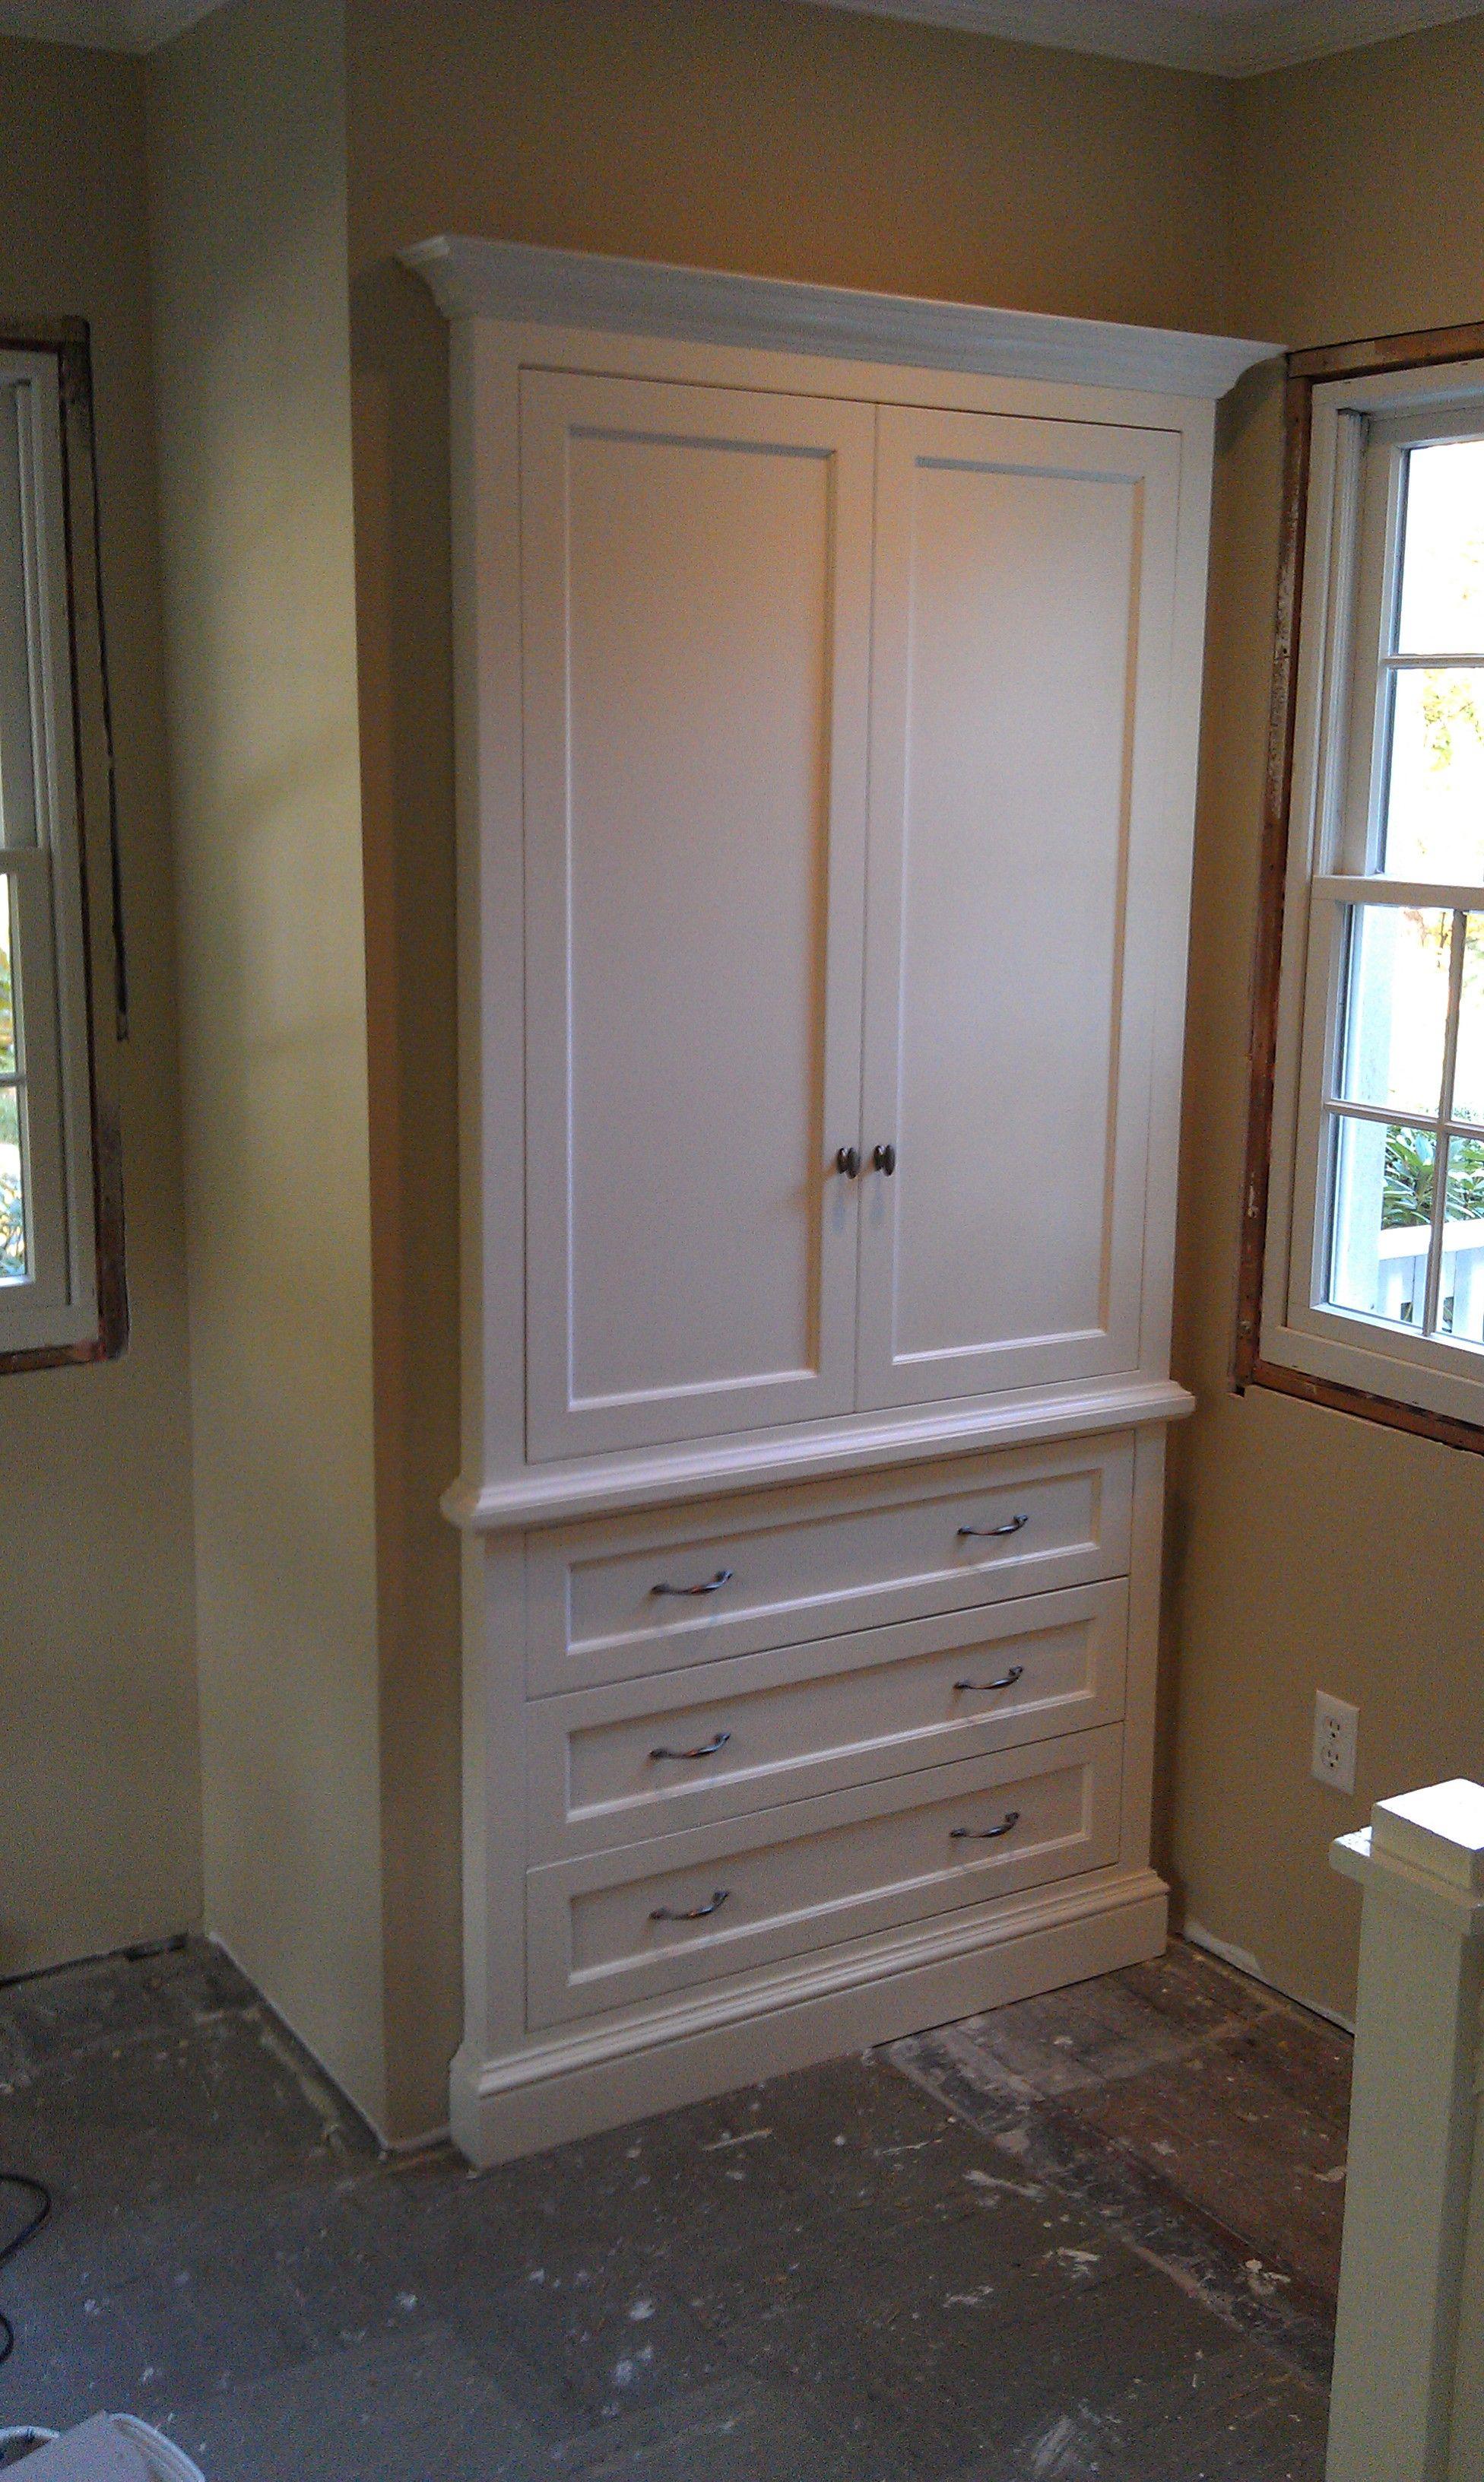 Bedroom Interior Design263ideas Build A Closet Closet Built Ins